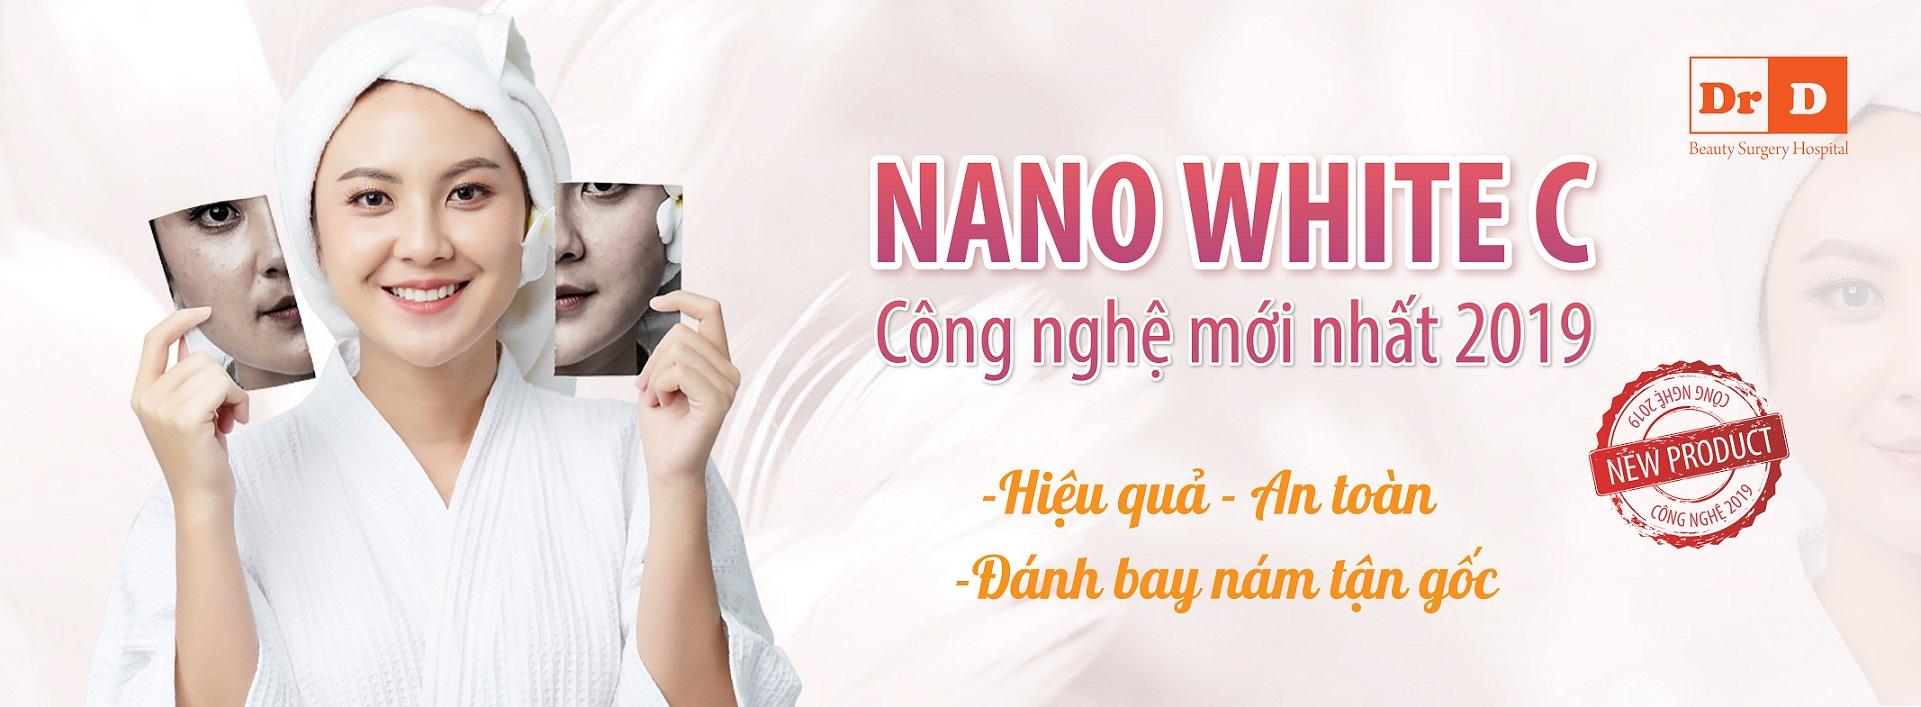 nano-white-c-11